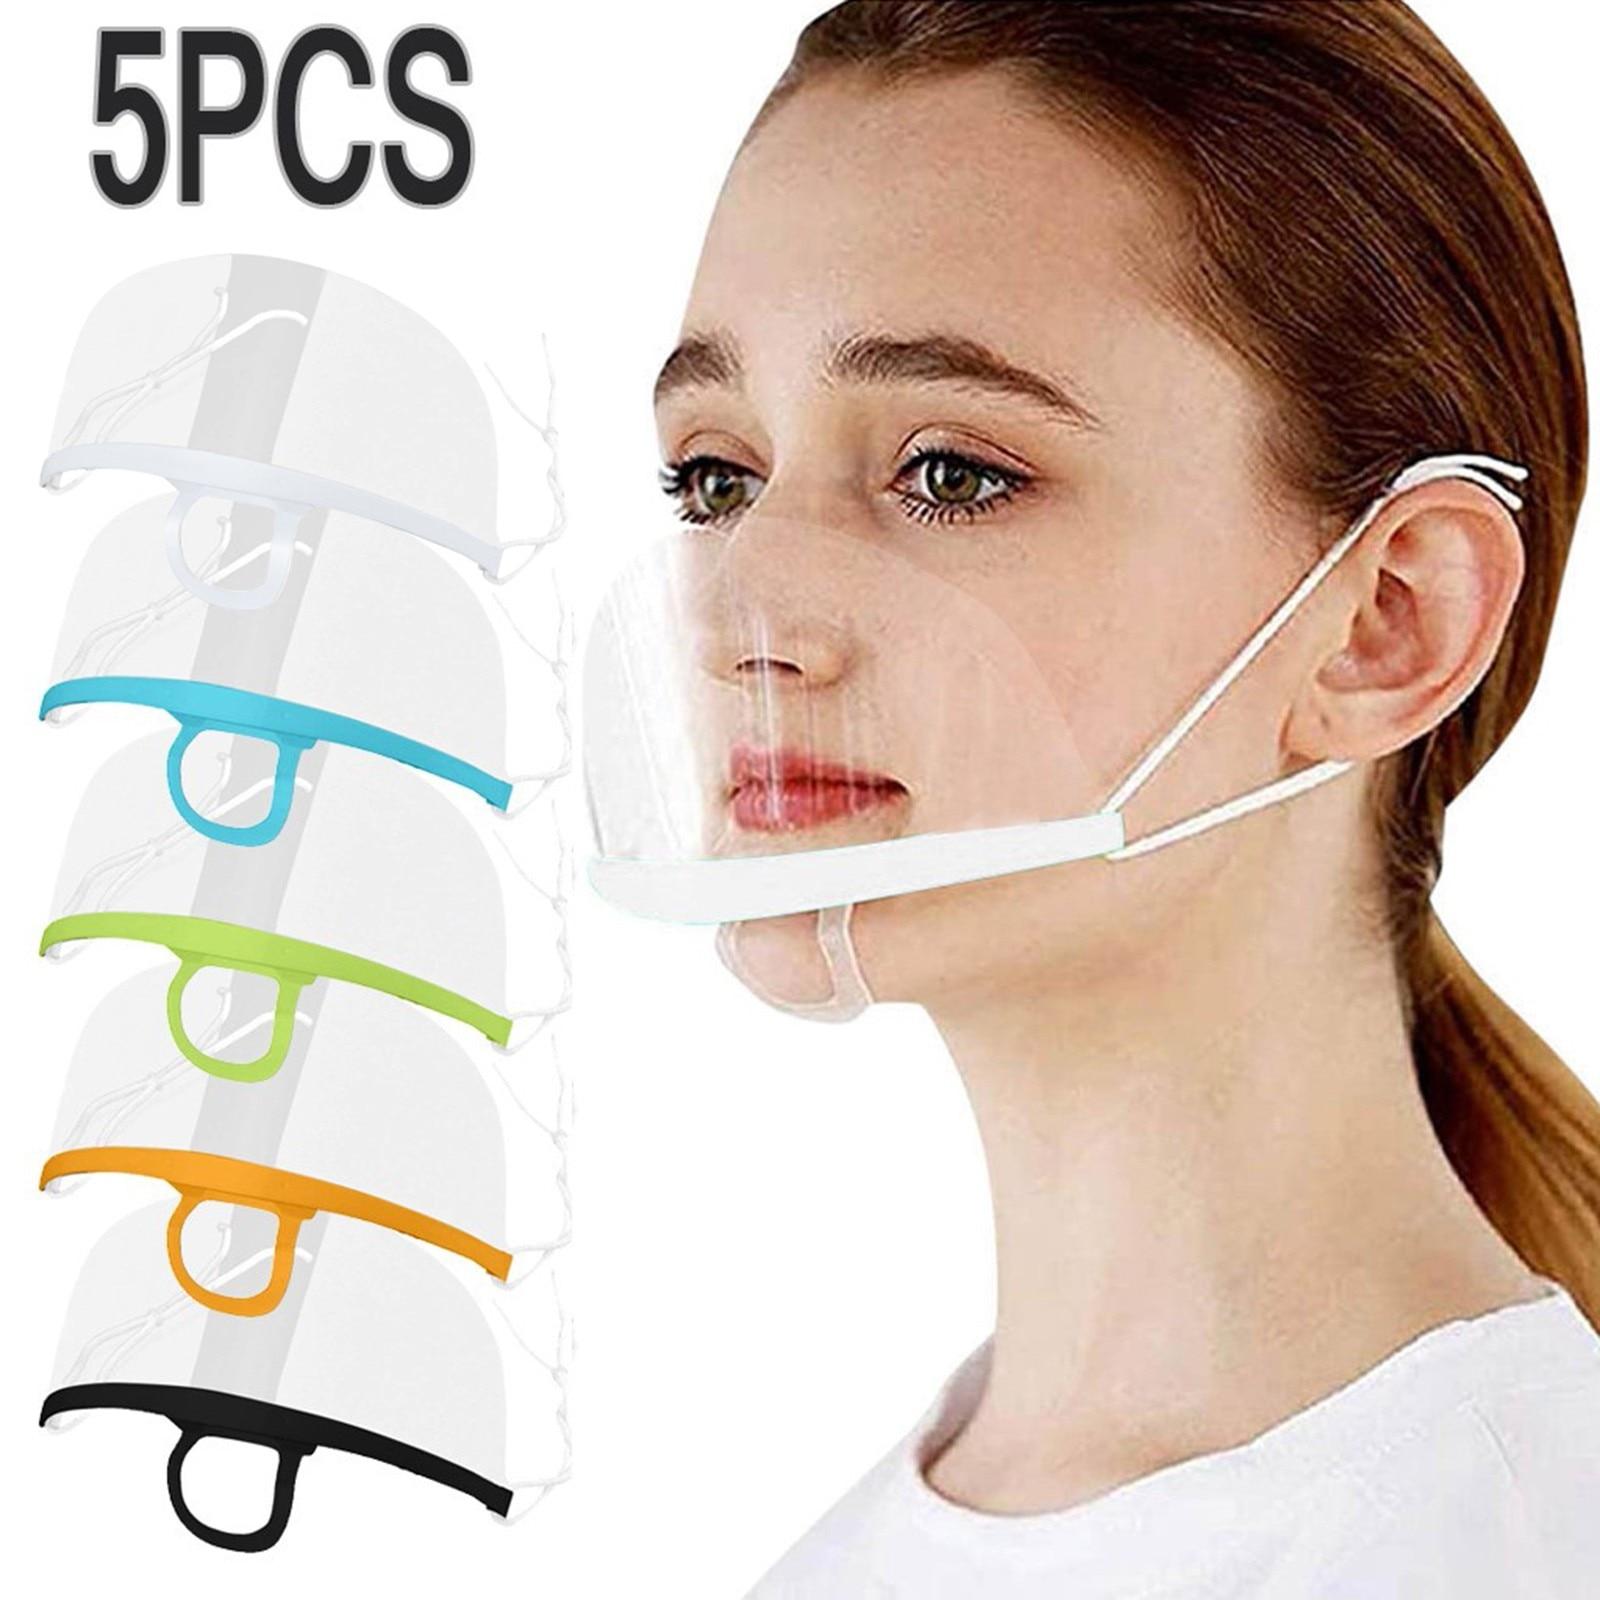 Прозрачная пластиковая защитная маска 5 шт., моющиеся многоразовые маски для шеф-повара, для шеф-повара, для языка губ, маска для лица и рта